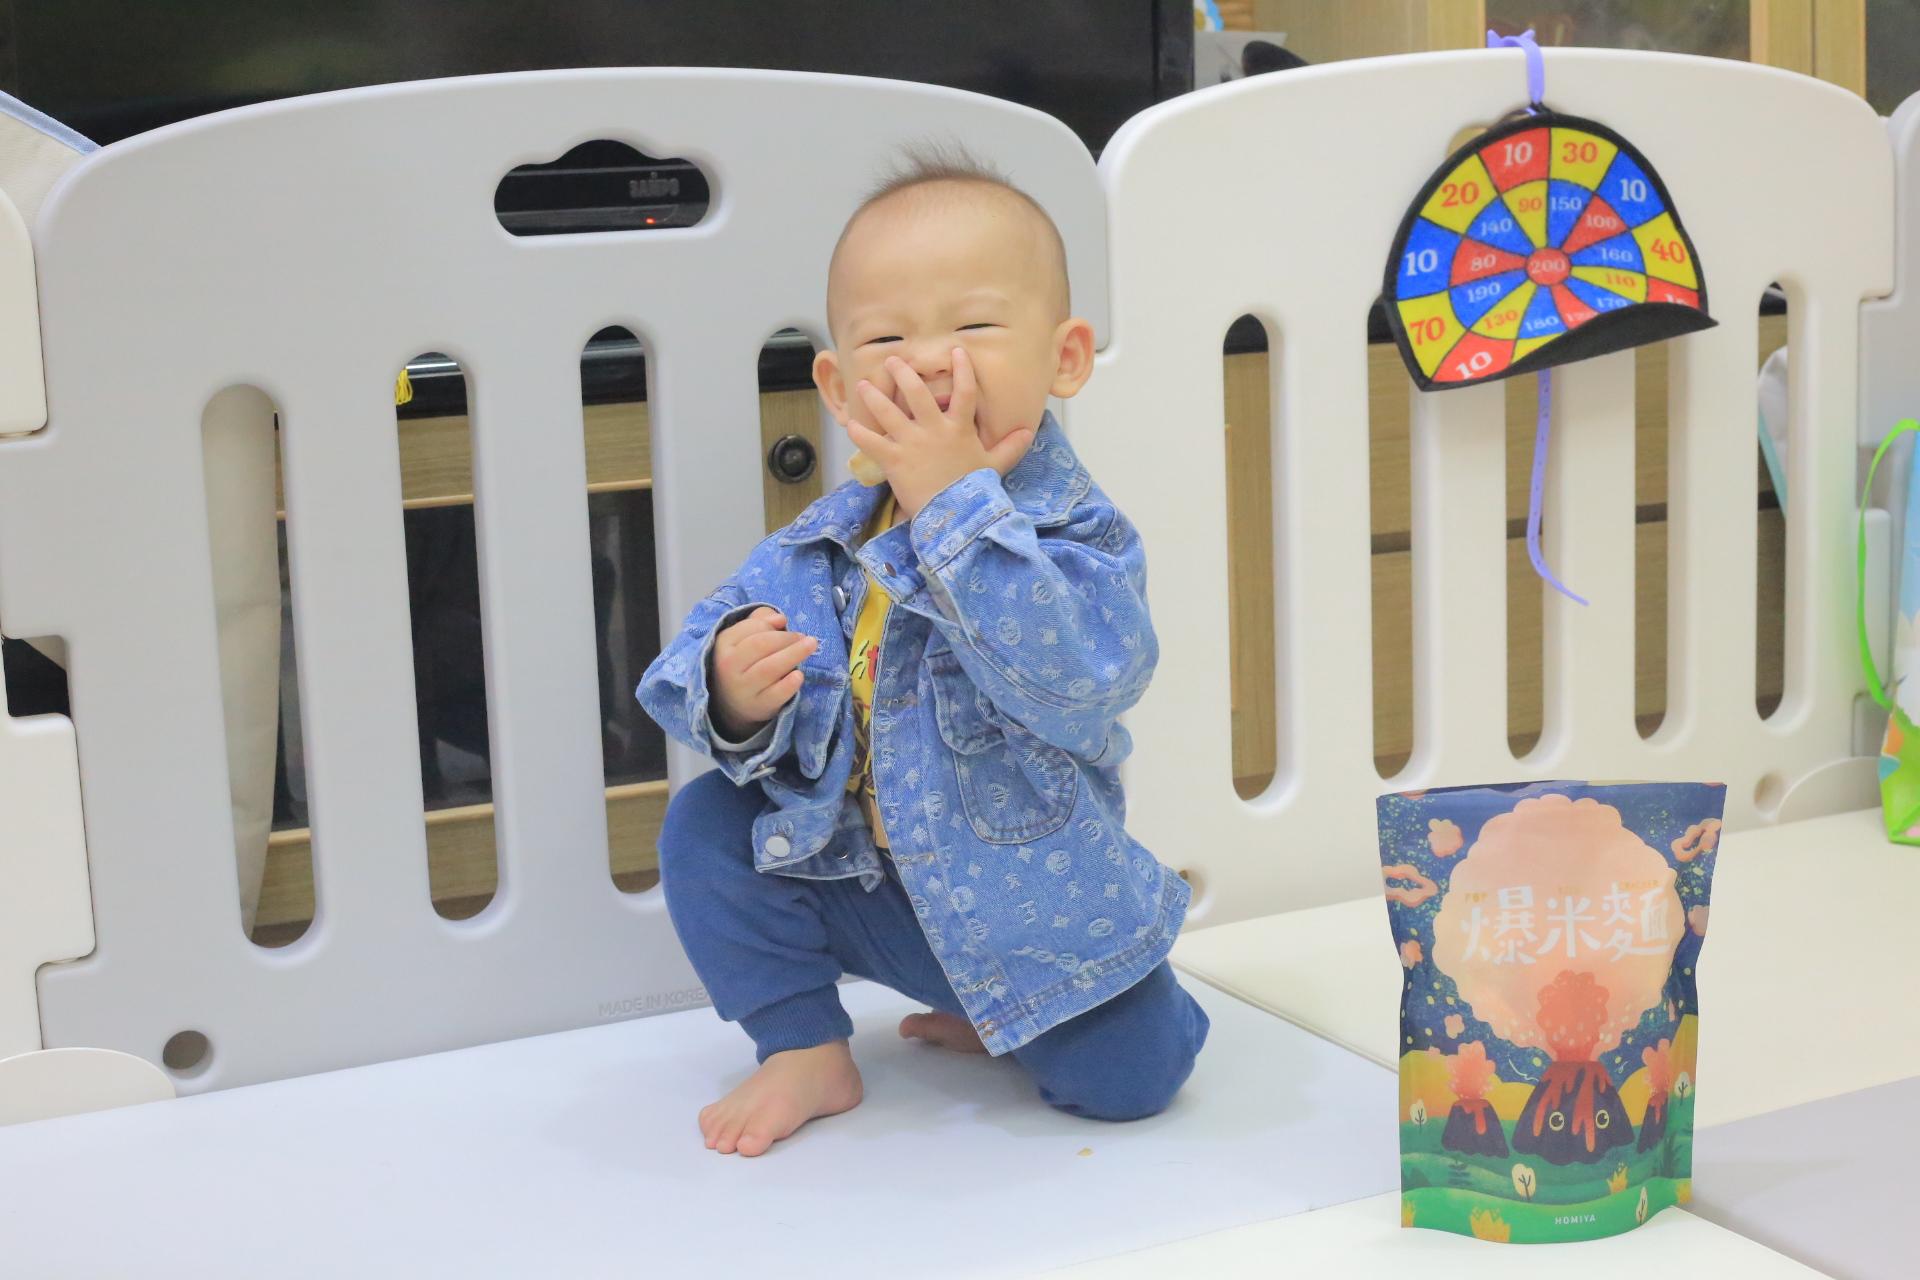 【地表最強育兒點心】好米芽無添加寶寶點心,爆米麵.爆白米.爆糙米.爆米香,寶寶一口接一口 @小環妞 幸福足跡